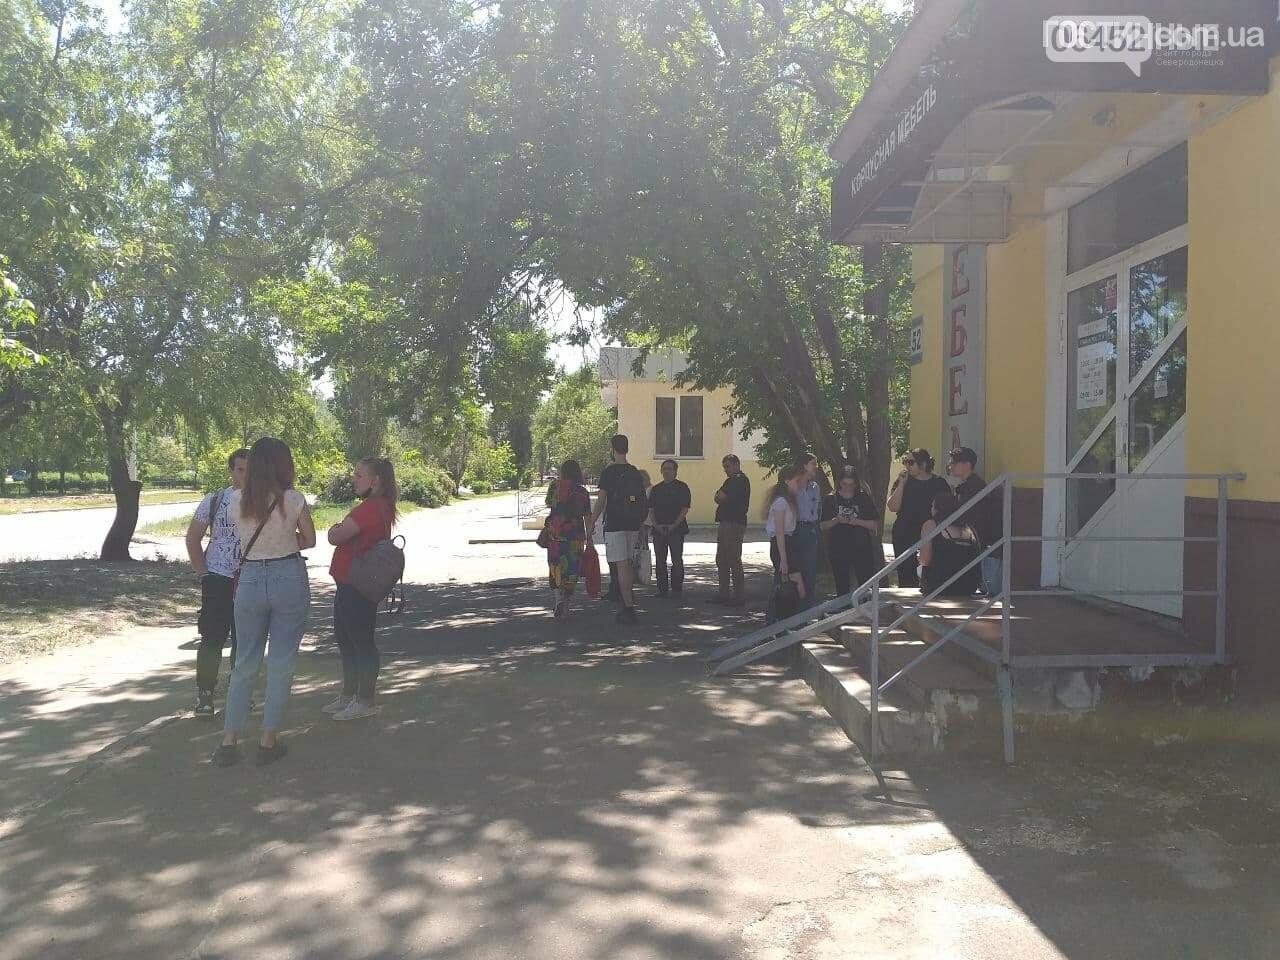 В Северодонецке неизвестный сообщил о минировании корпусов двух университетов (фото), фото-28